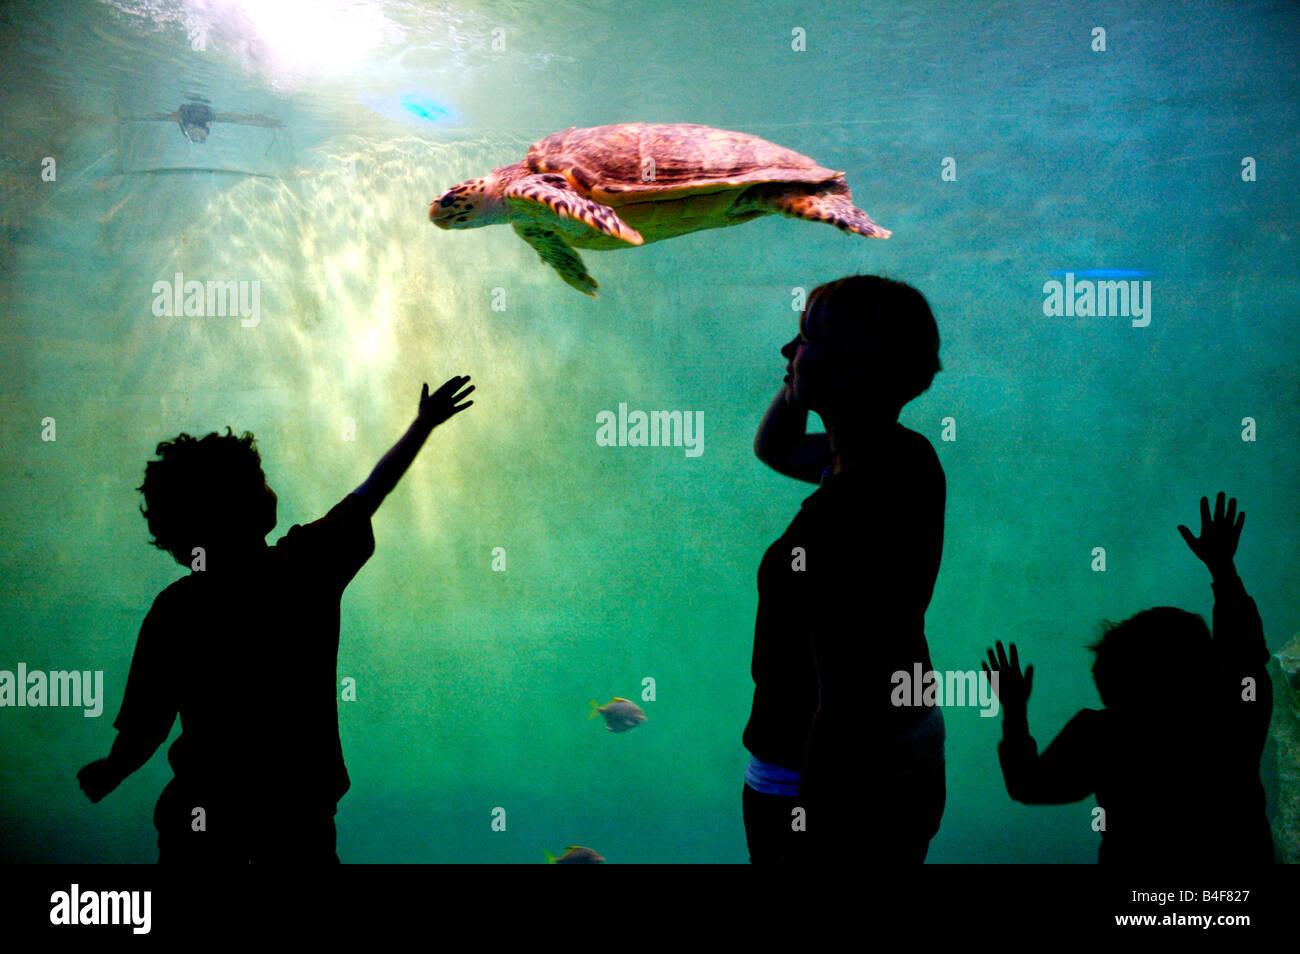 I bambini a guardare una tartaruga di nuotare in un acquario, Francia Immagini Stock